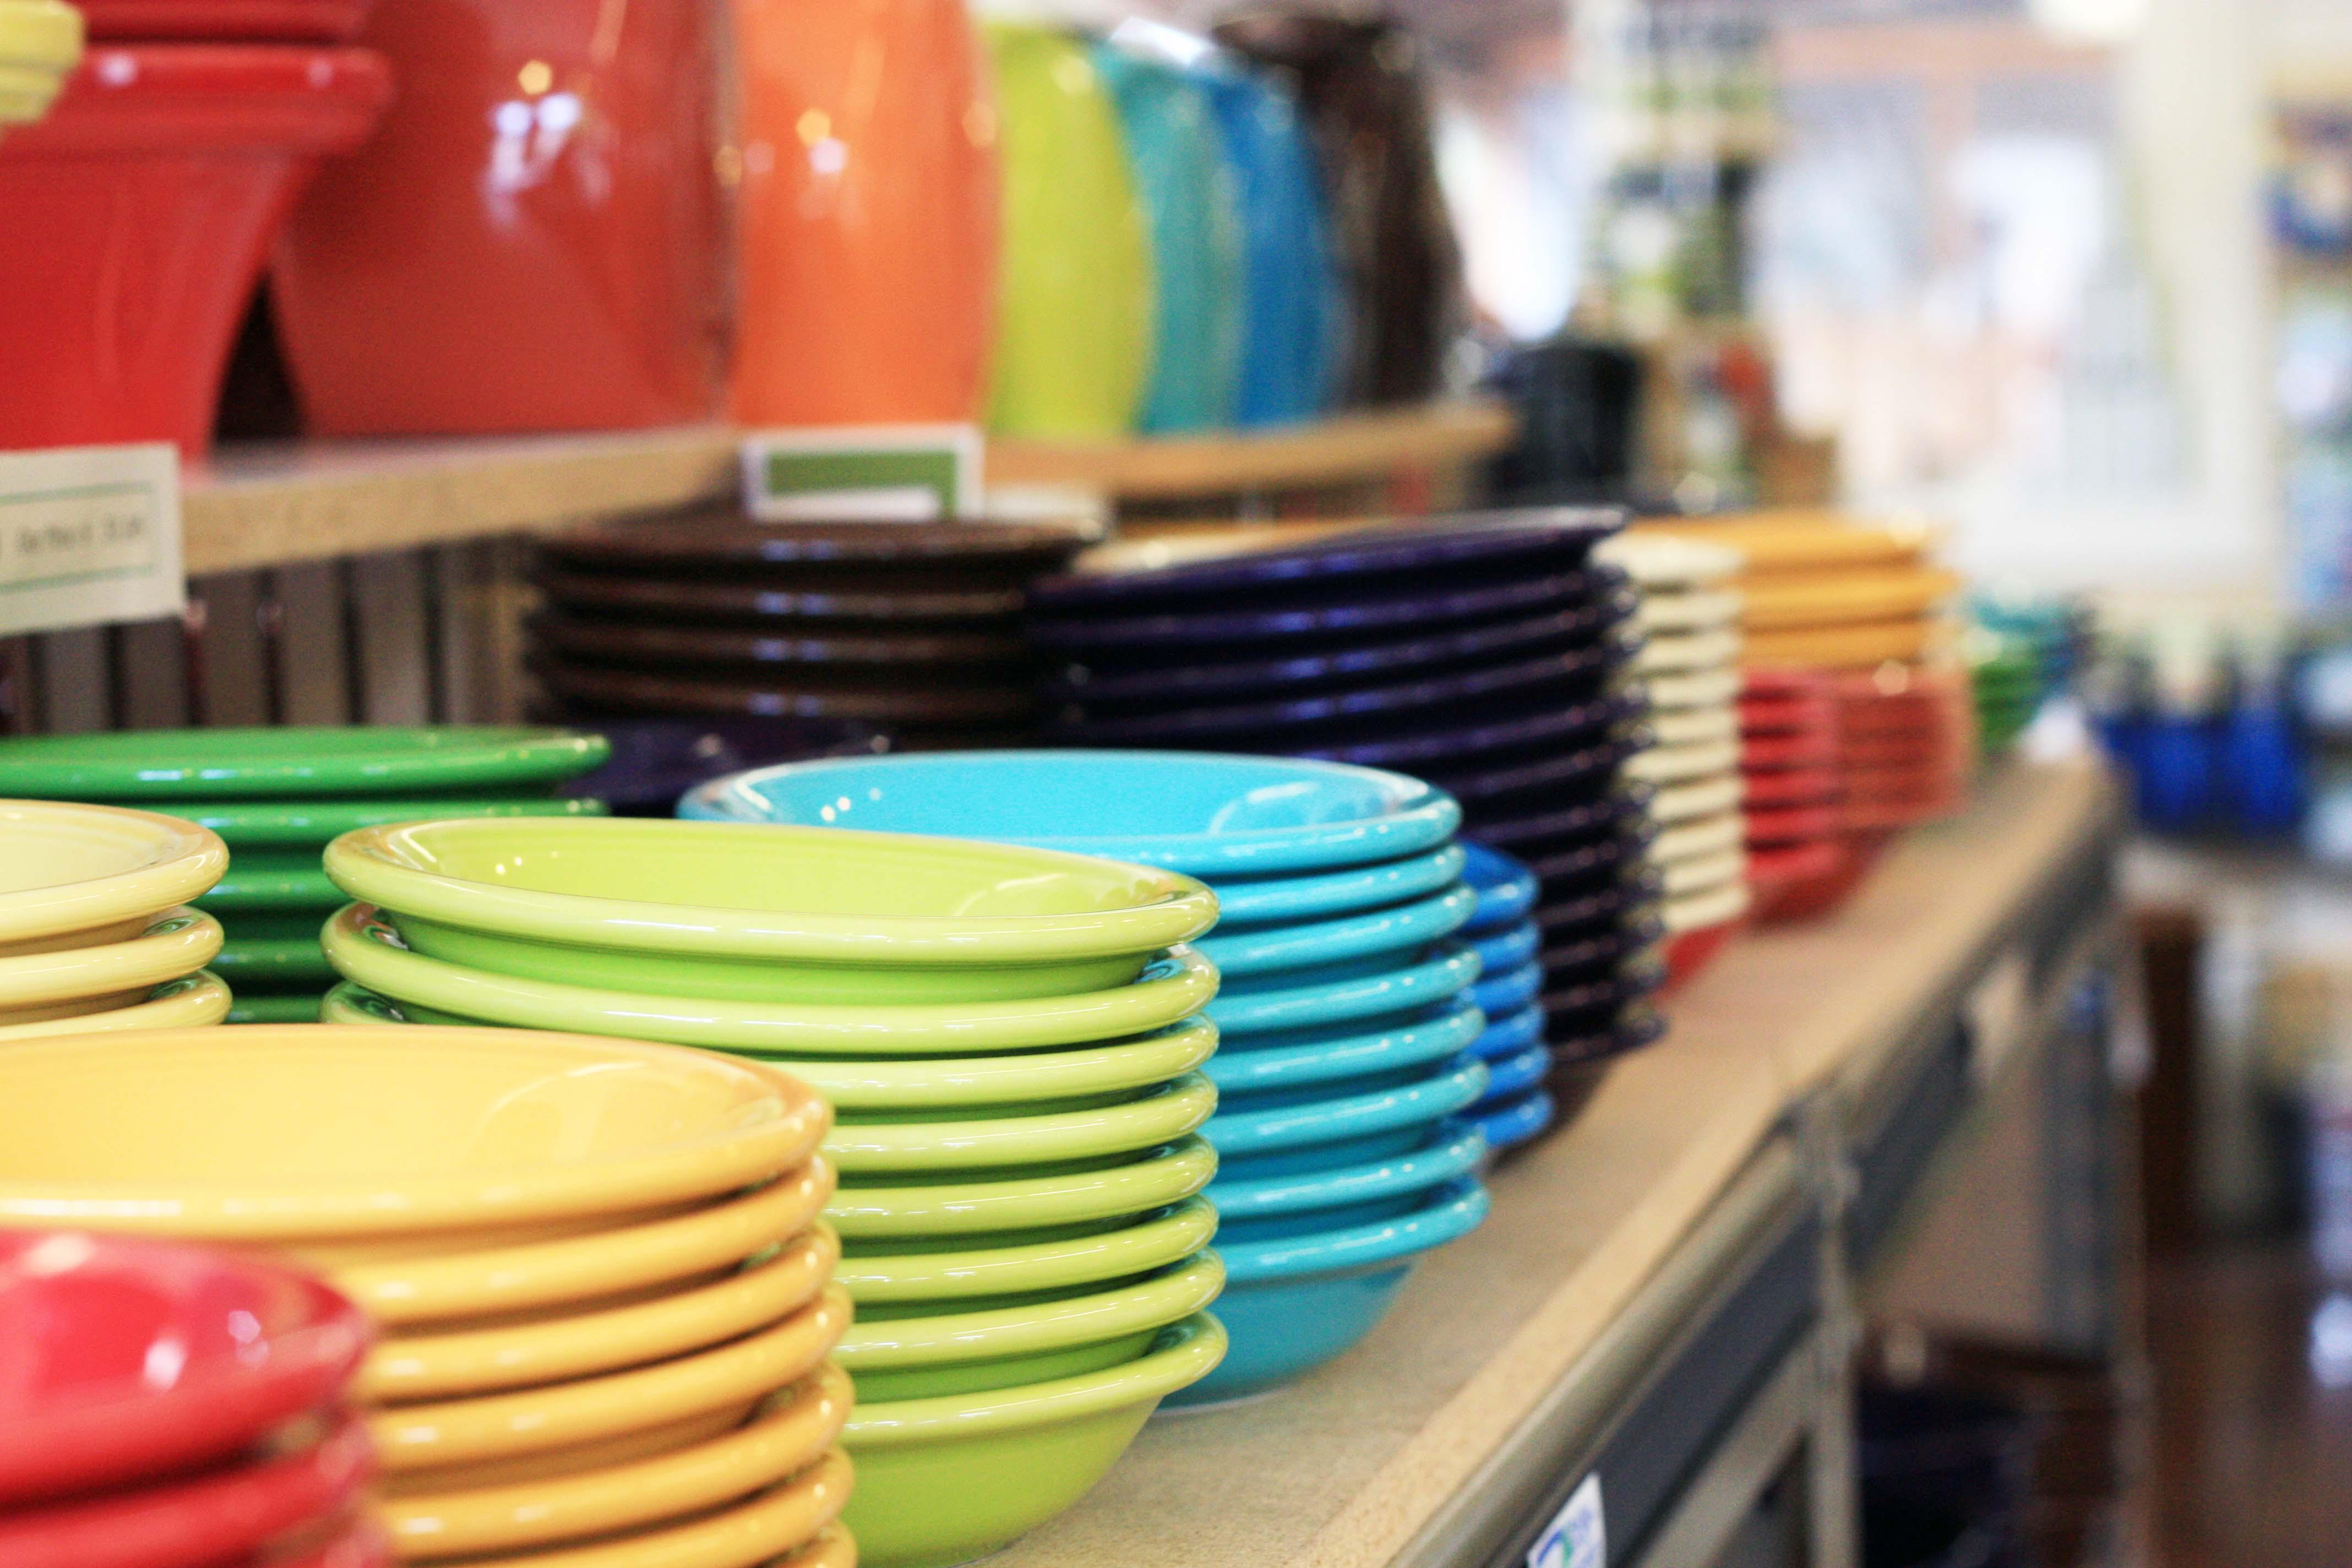 صور اطباق ملونة للتقديم 2016 اطباق سفرة (6)